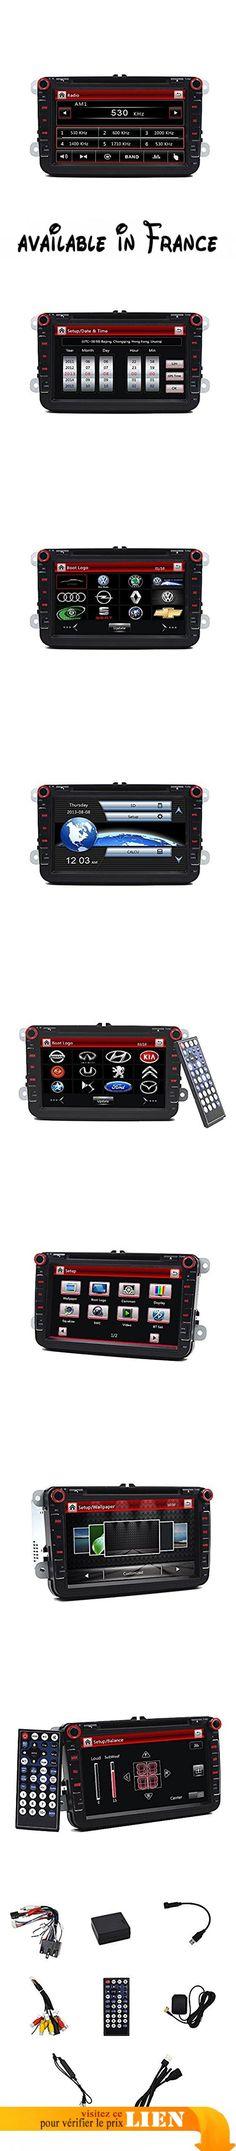 Pour VW Série d'Passat Golf Scriocco Touran Jetta EOS Seat Octavia Fabia, DVD GPS Navigation avec écran tactile 20,3cm PIP Bluetooth Répertoire Auto radio. 20,3cm 800* 480numérique haute définition TFT LCD écran tactile. Construit dans la navigation GPS, le support logiciel cartographique 2d/3d. Bluetooth intégré pour les appels mains libres; support A2DP; répertoire fonction. Avec commandes au volant, Auto fonction de visualisation arrière. Avec radio